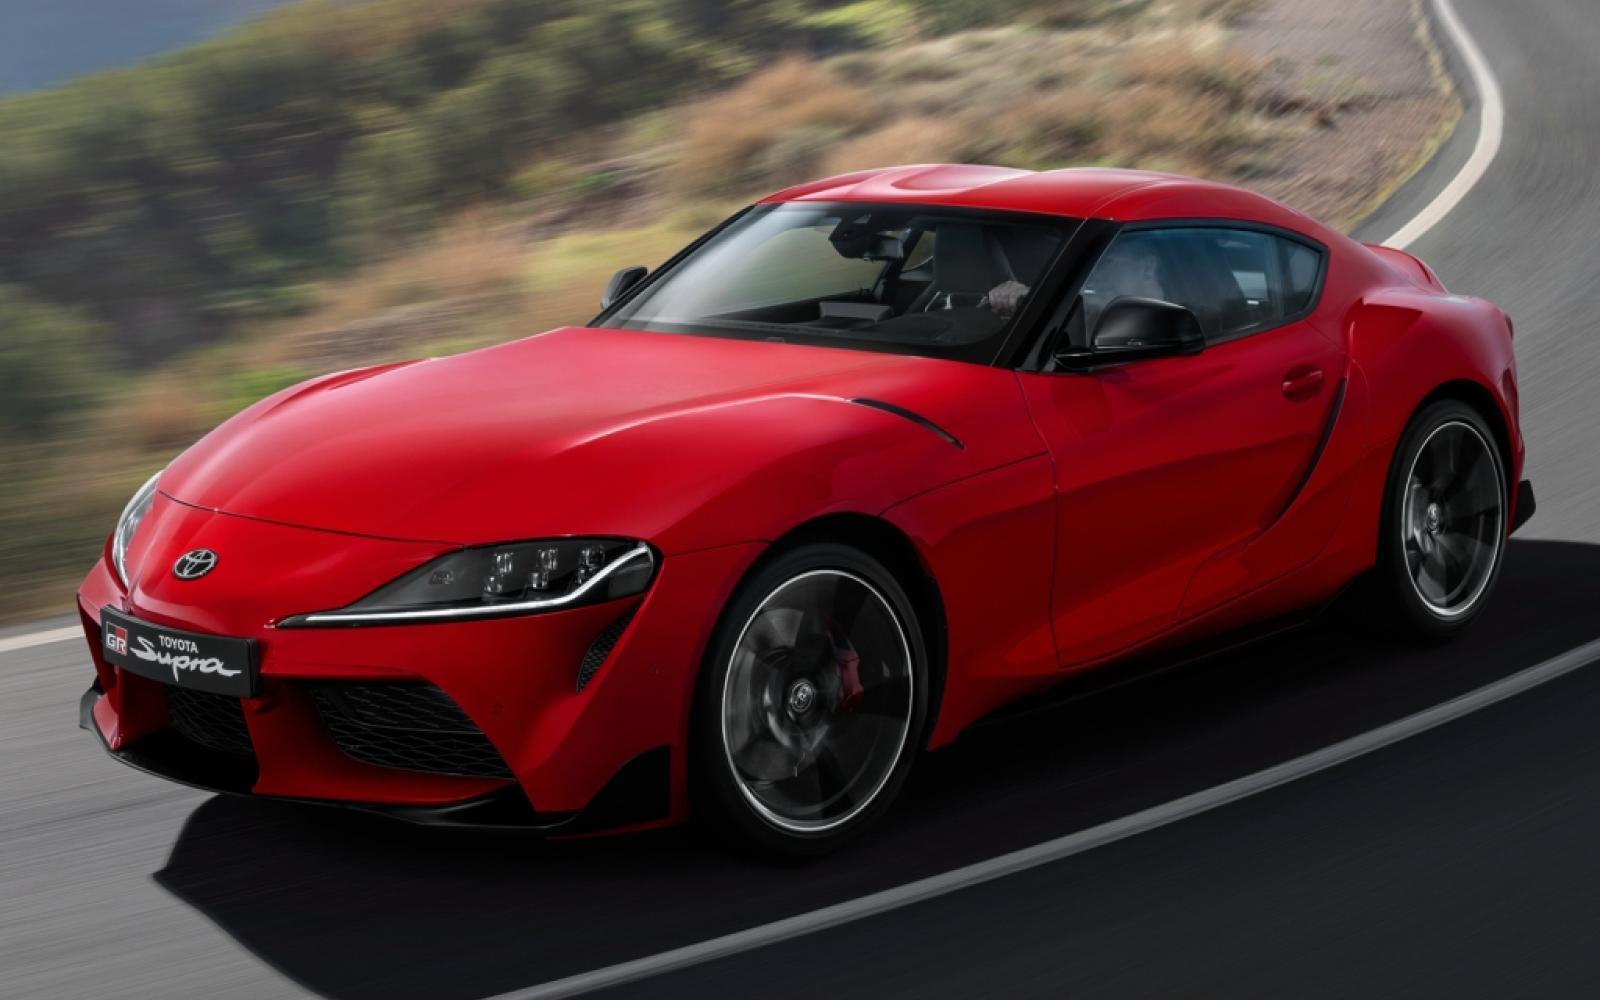 Kekurangan Toyota Bmw Top Model Tahun Ini